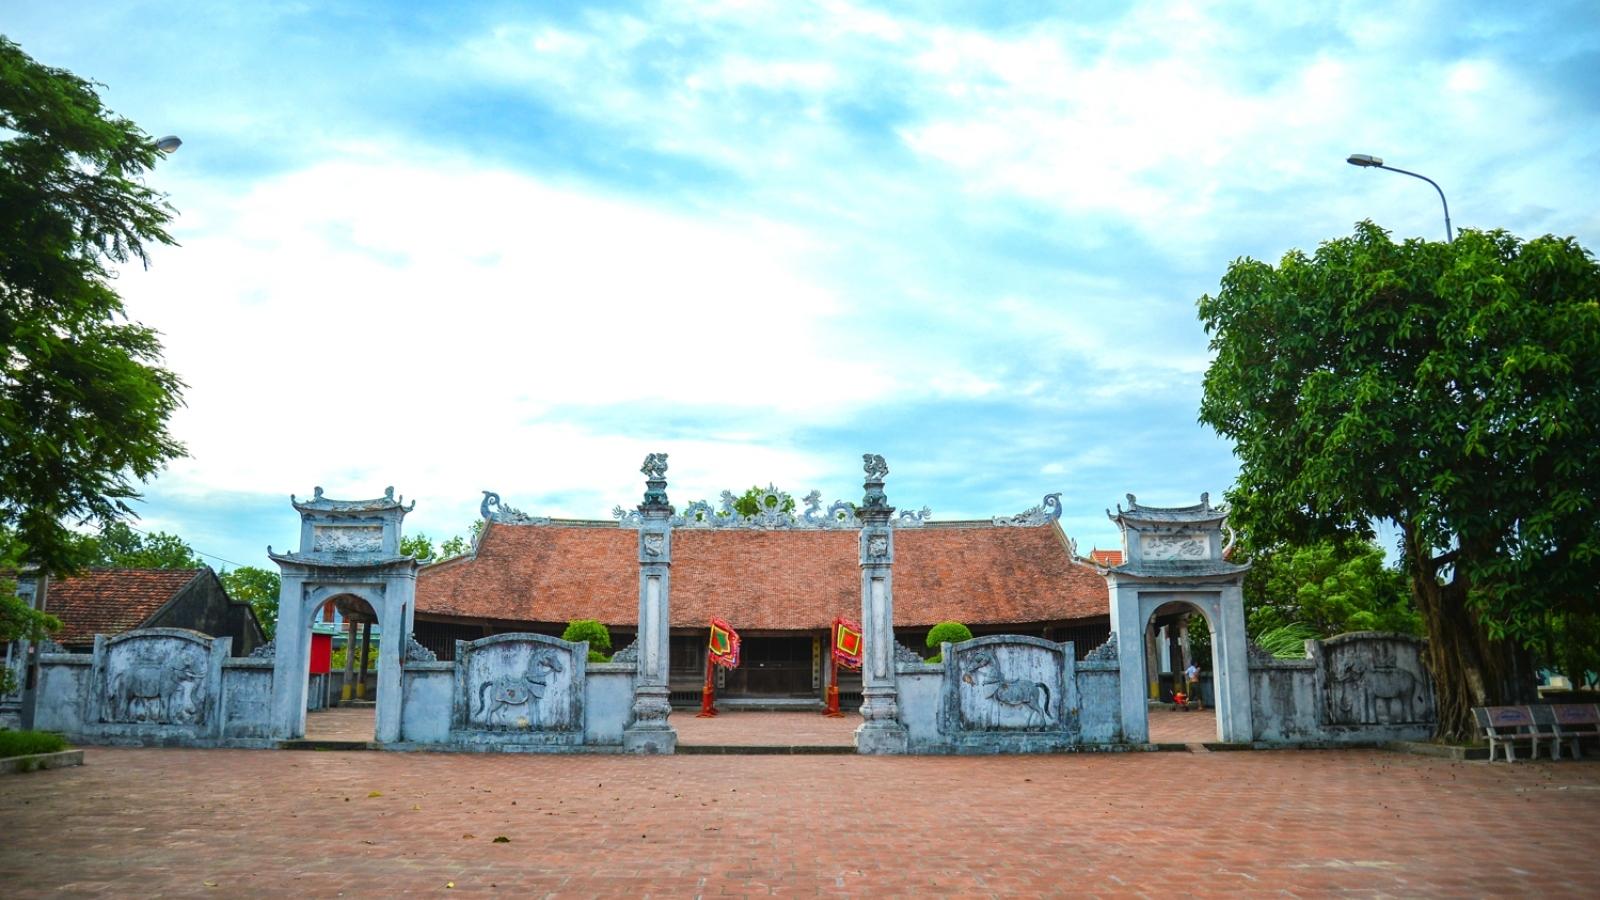 Đình Trà Cổ - mái đình làng biển nơi địa đầu Tổ quốc